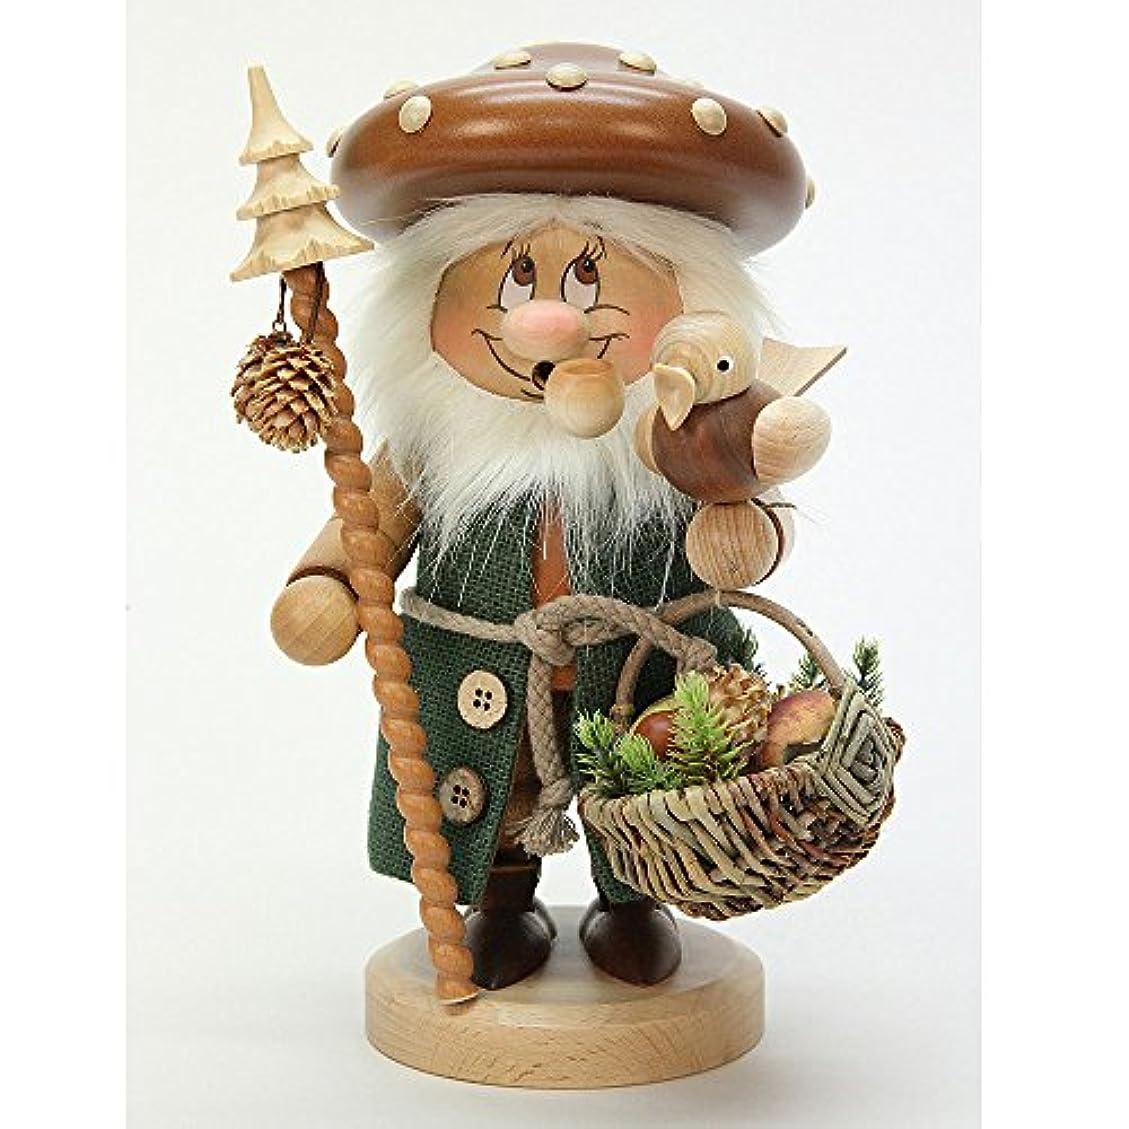 フォーマットナプキン師匠ドイツ語喫煙者Incense GnomeマッシュルームMan – 27 cm / 11インチ – Christian Ulbricht